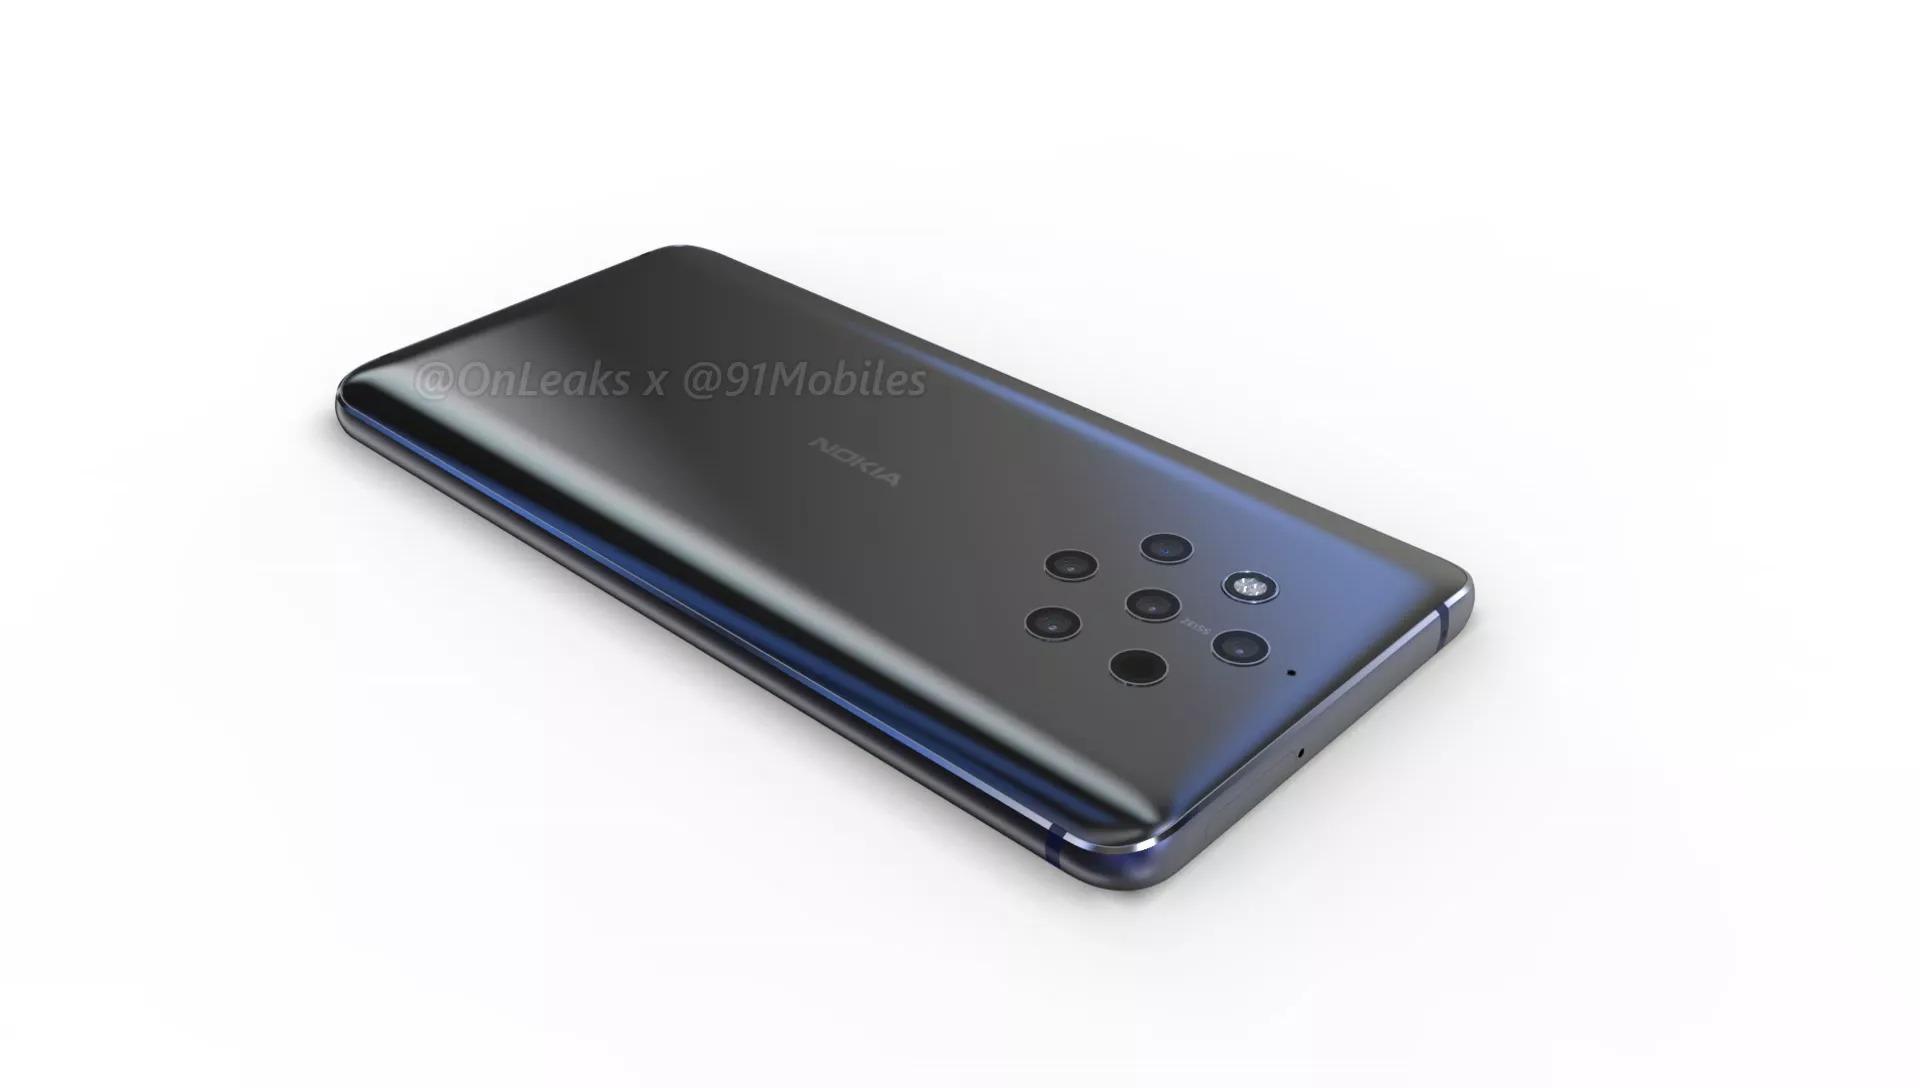 Nokia 9 : admirez ses 5 objectifs photo dans ce rendu vidéo